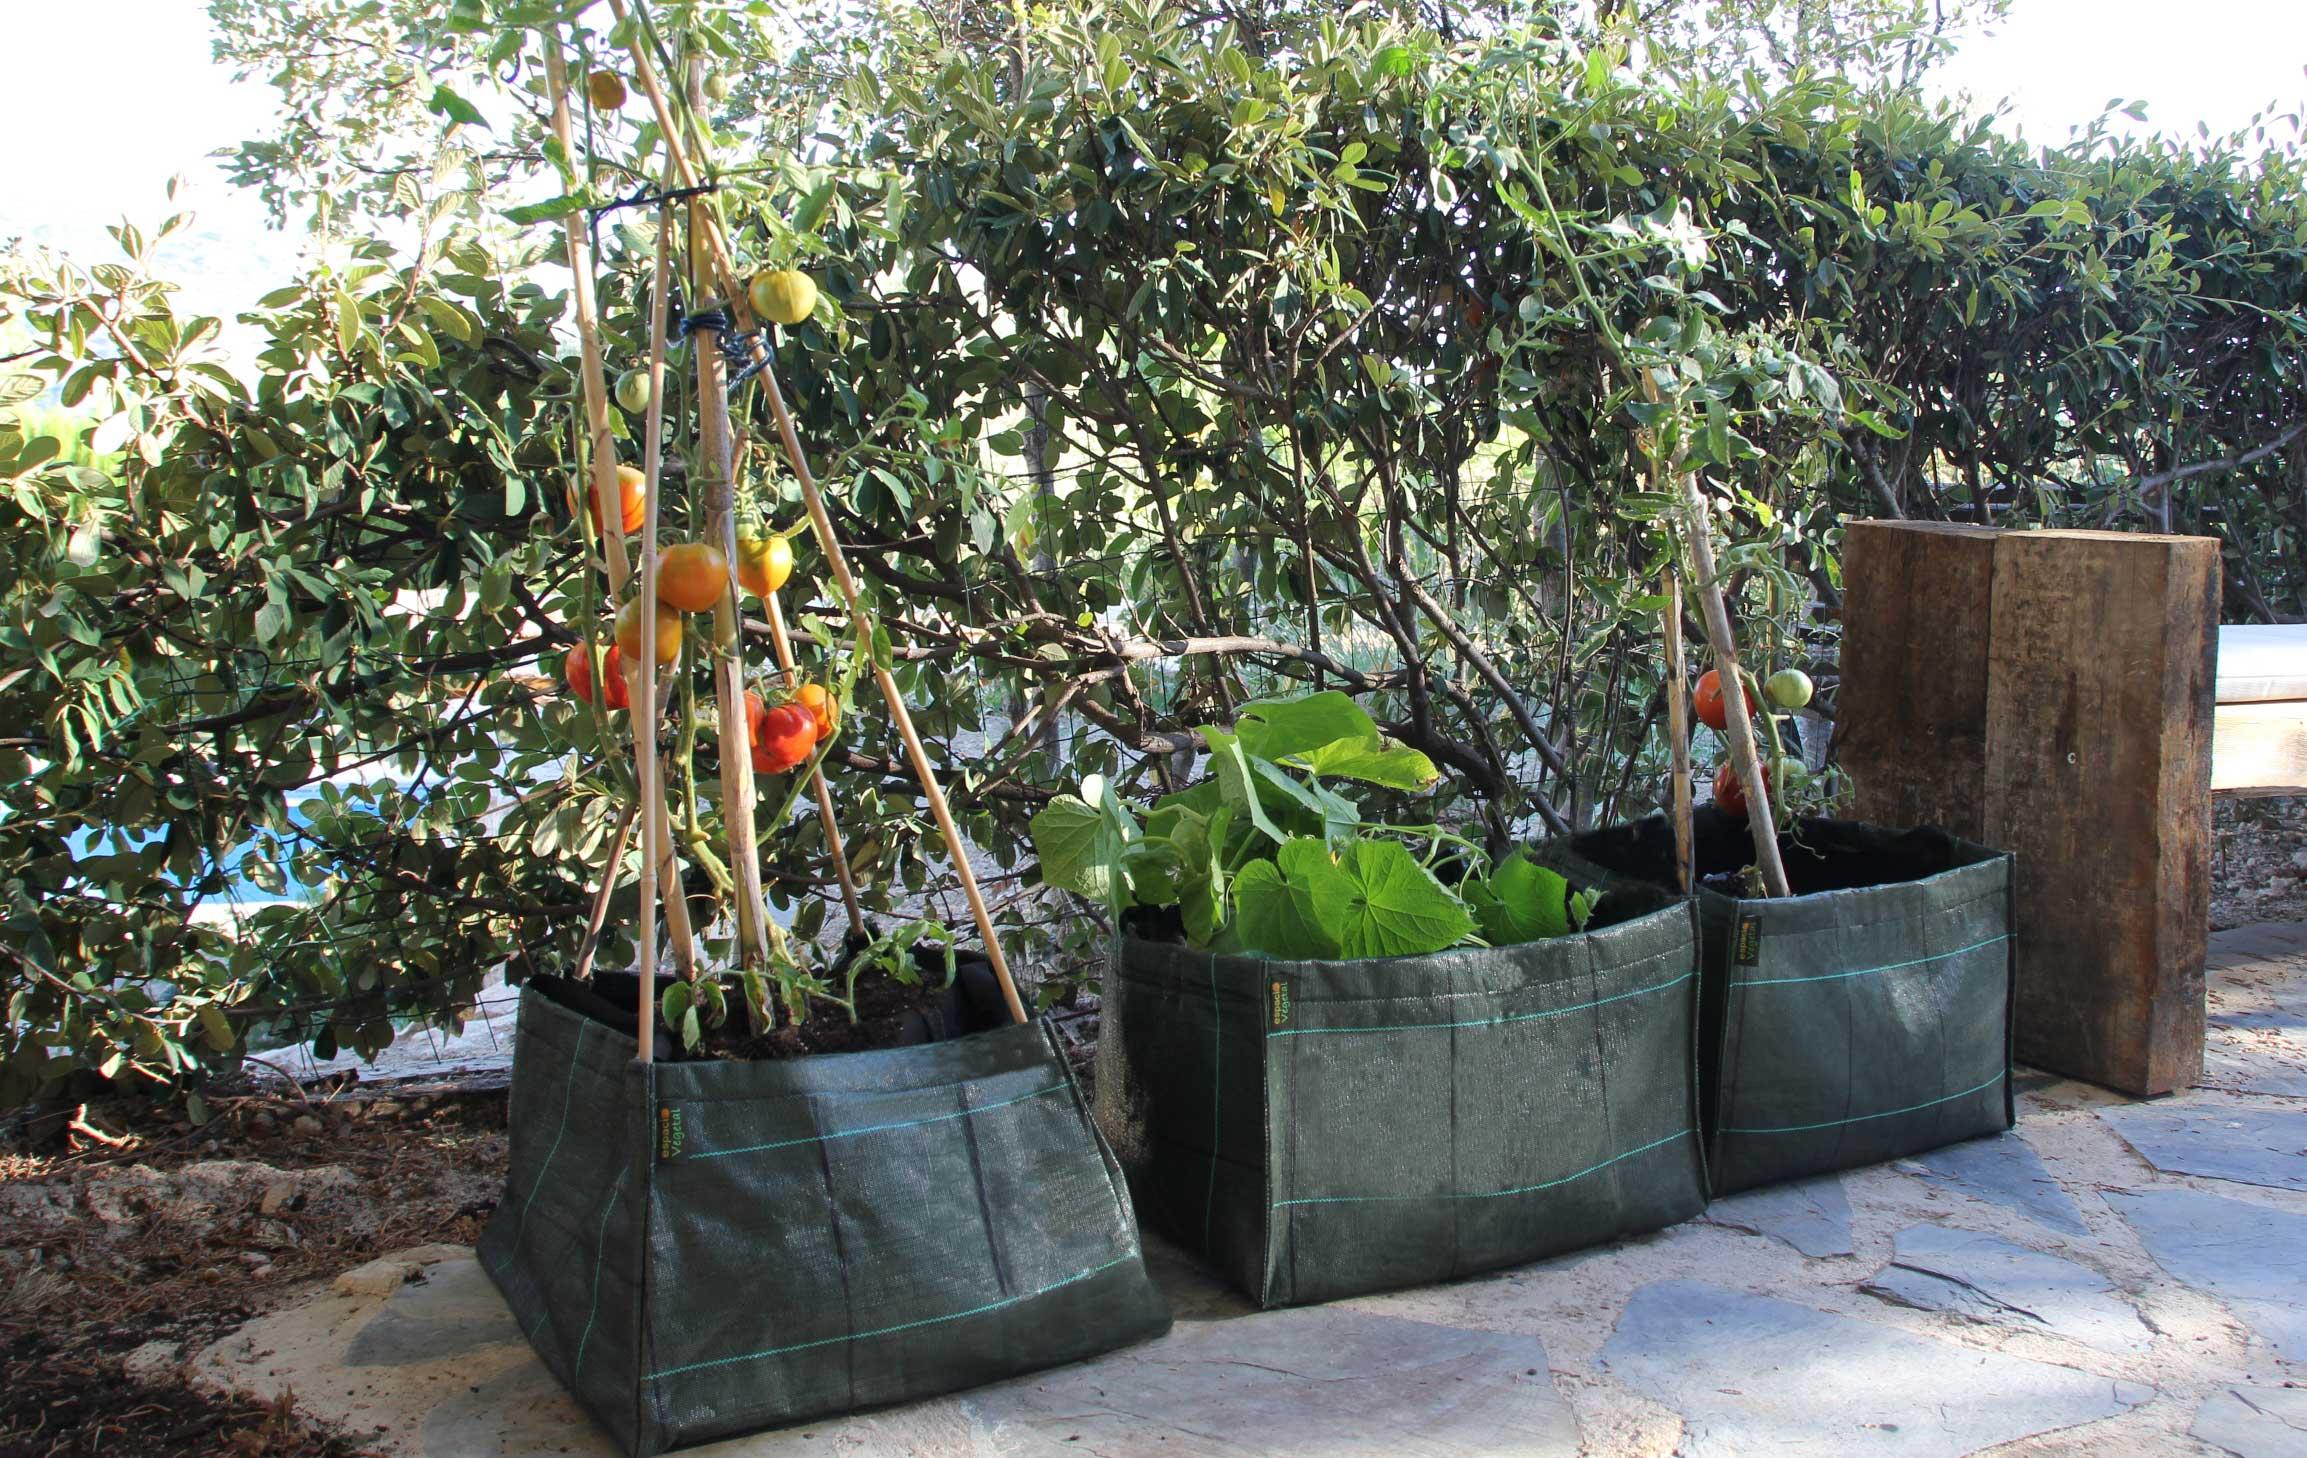 Macetas de tela para sembrar hortalizas y frutas espacio - Huerto para principiantes ...